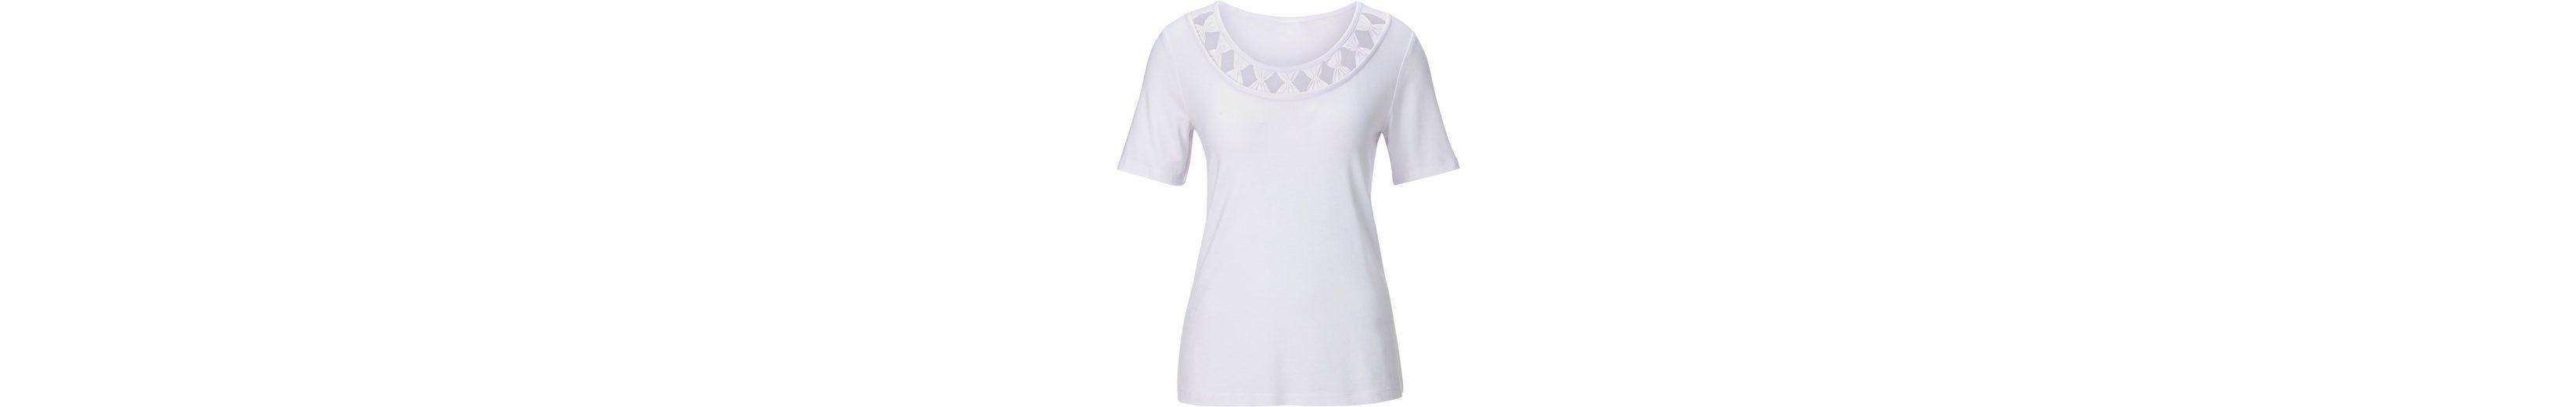 Preiswert Fair Lady Shirt mit Raffungen in Schleifen-Optik am Ausschnitt Niedrig Preis Versandkosten Für Verkauf Neuesten Kollektionen Zu Verkaufen Rabatt Bester Platz Günstig Kaufen Besuch Neu ZrRL4Nl